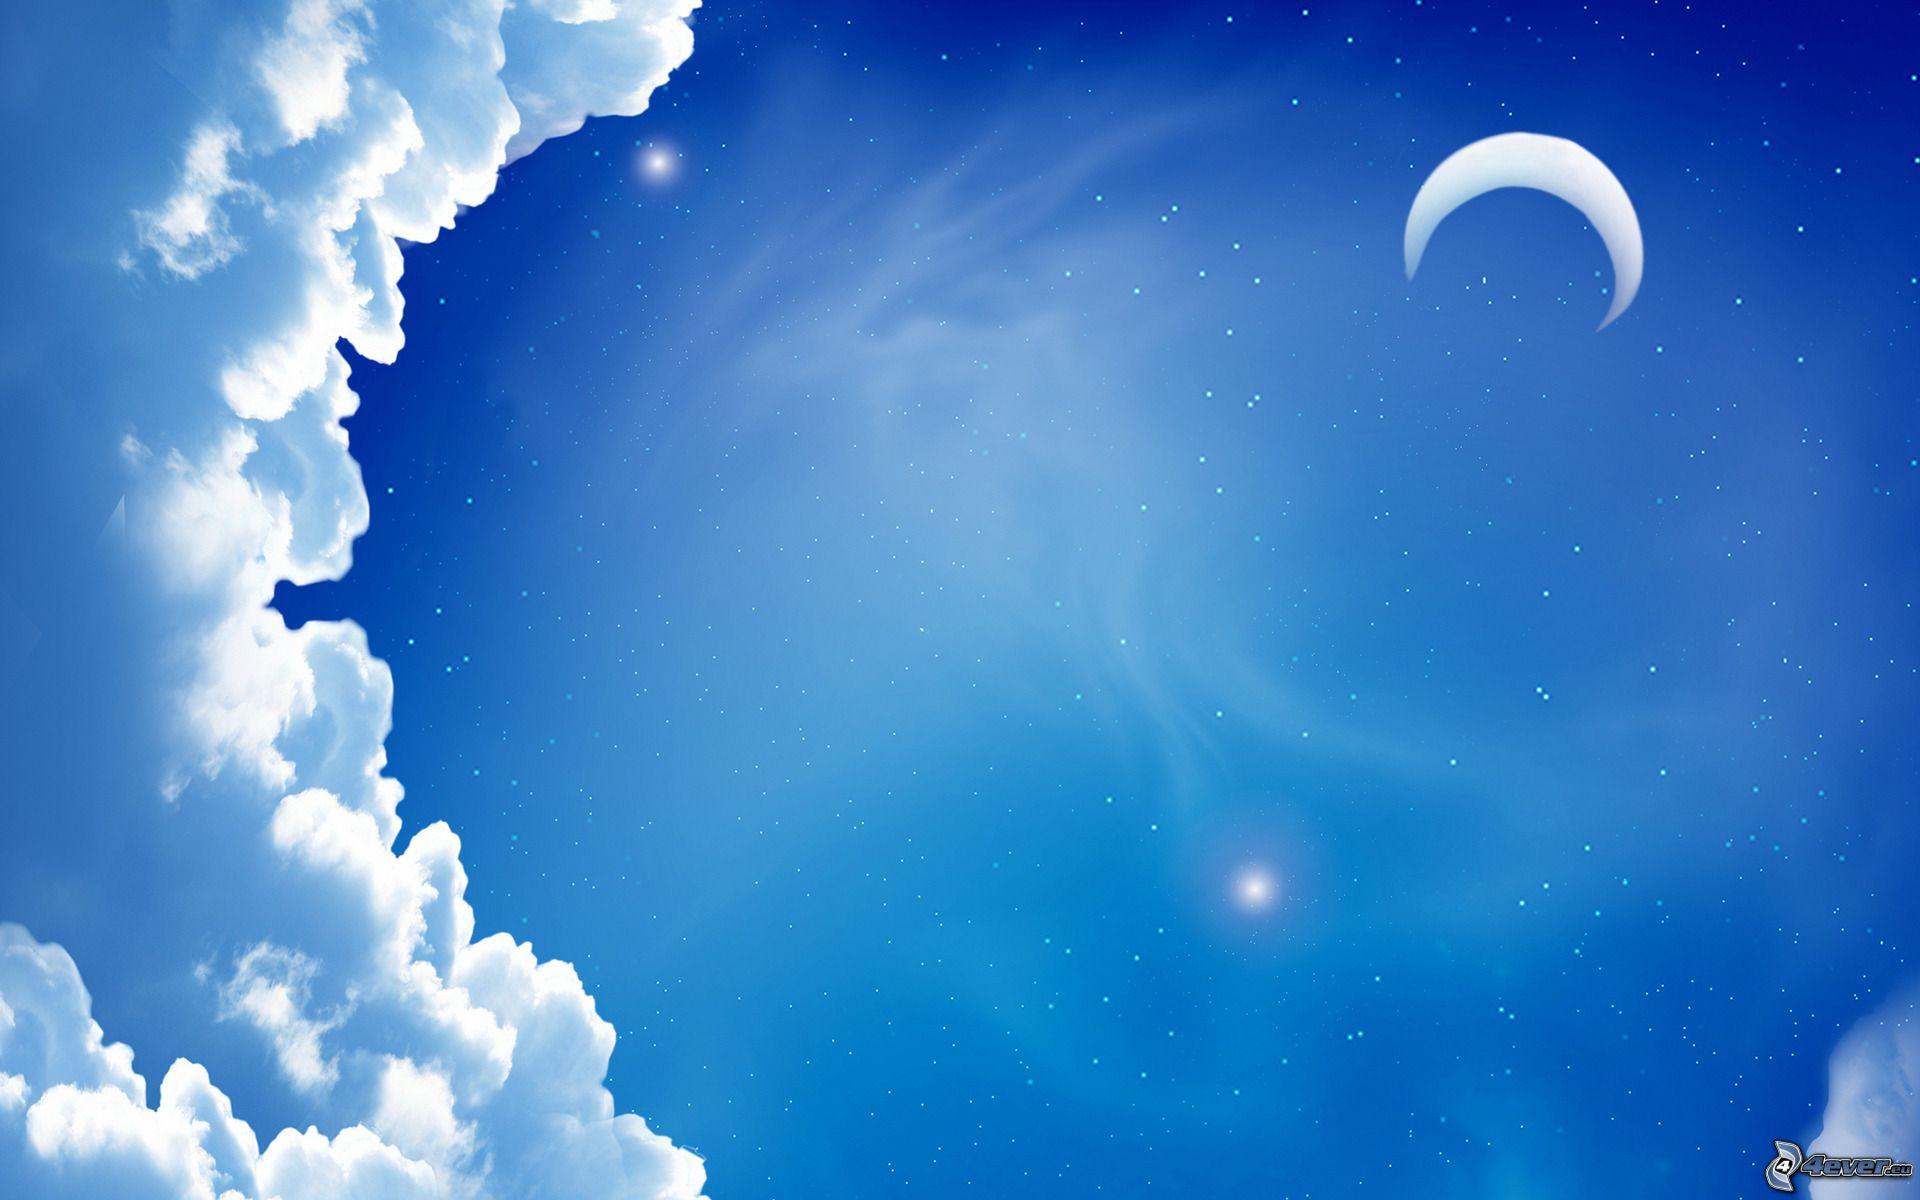 Mond Und Sterne Wallpaper Bild Downloaden